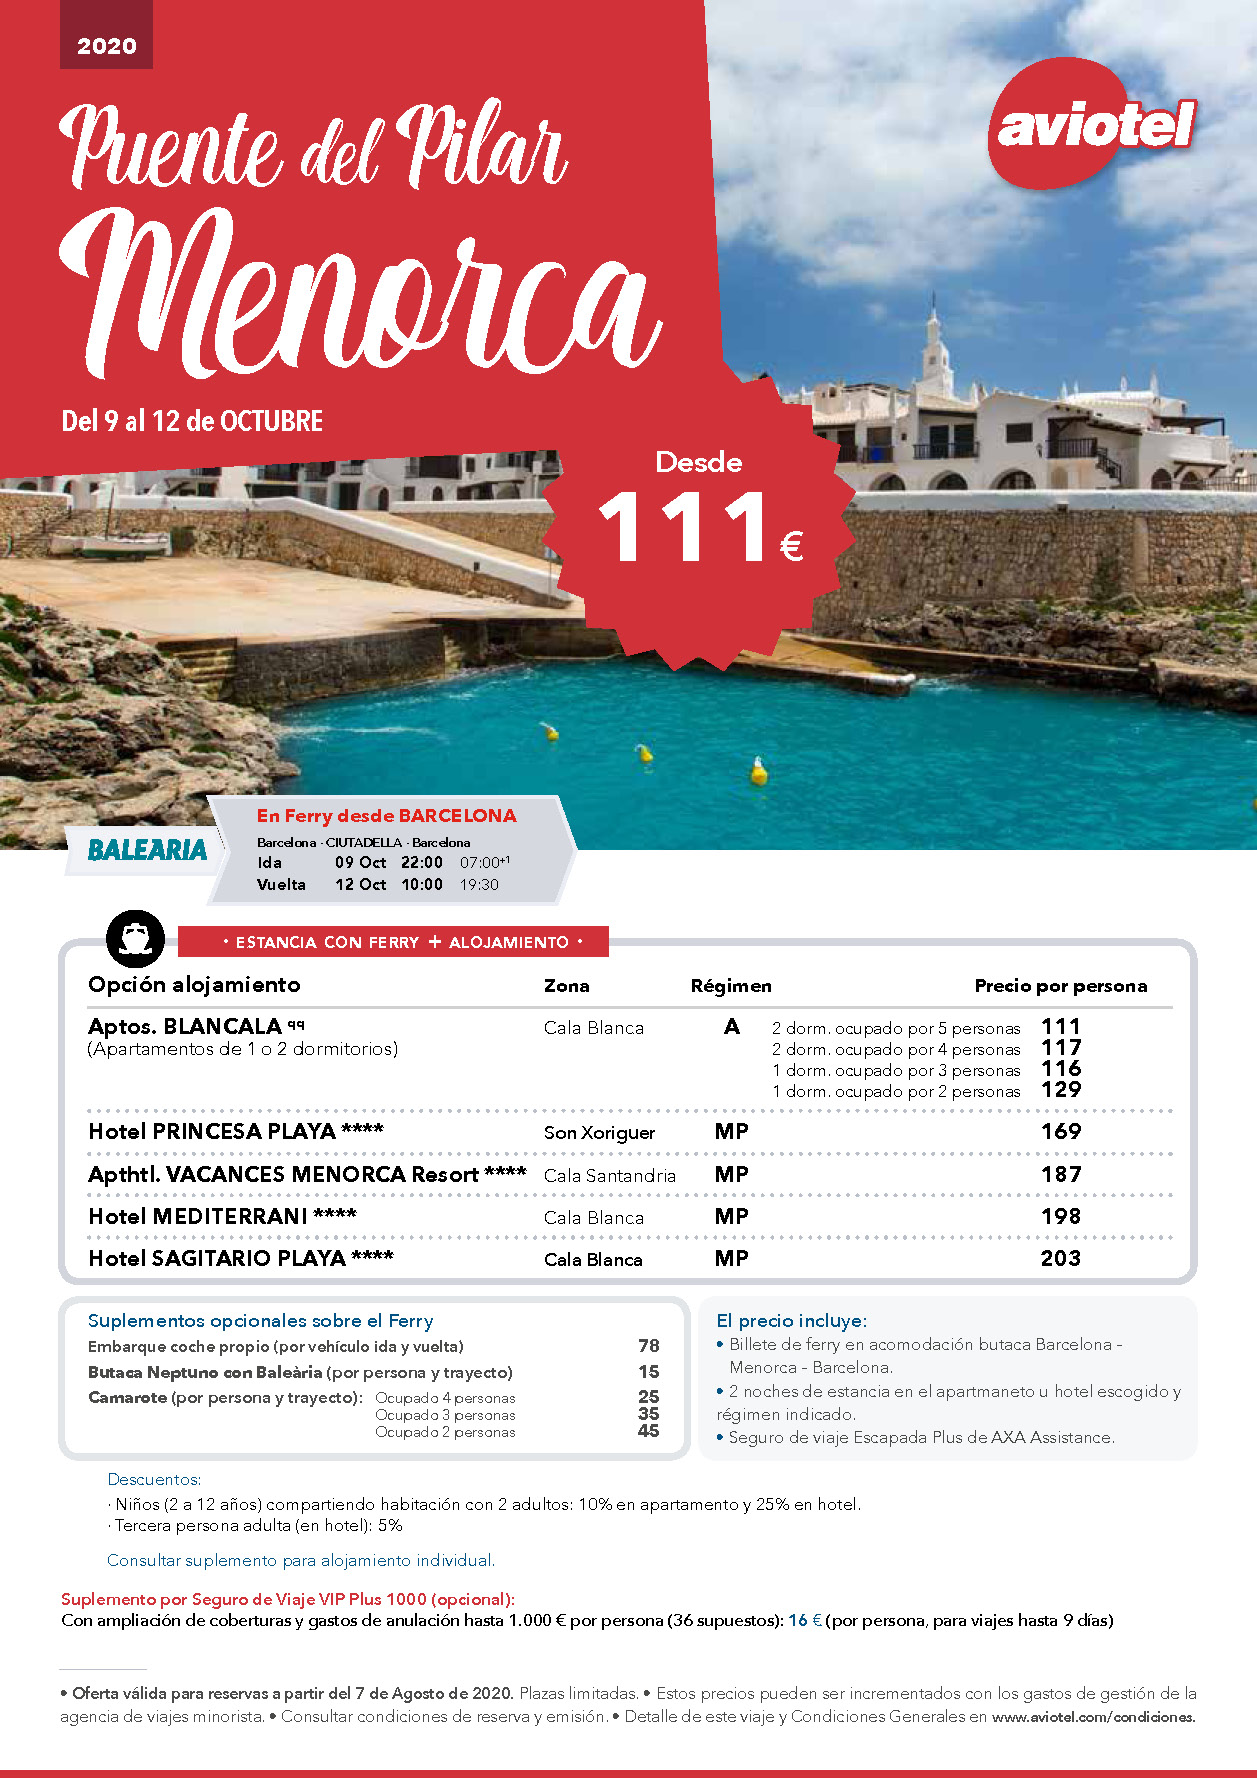 Oferta Aviotel Puente del Pilar 2020 Menorca en ferry salidas desde Barcelona